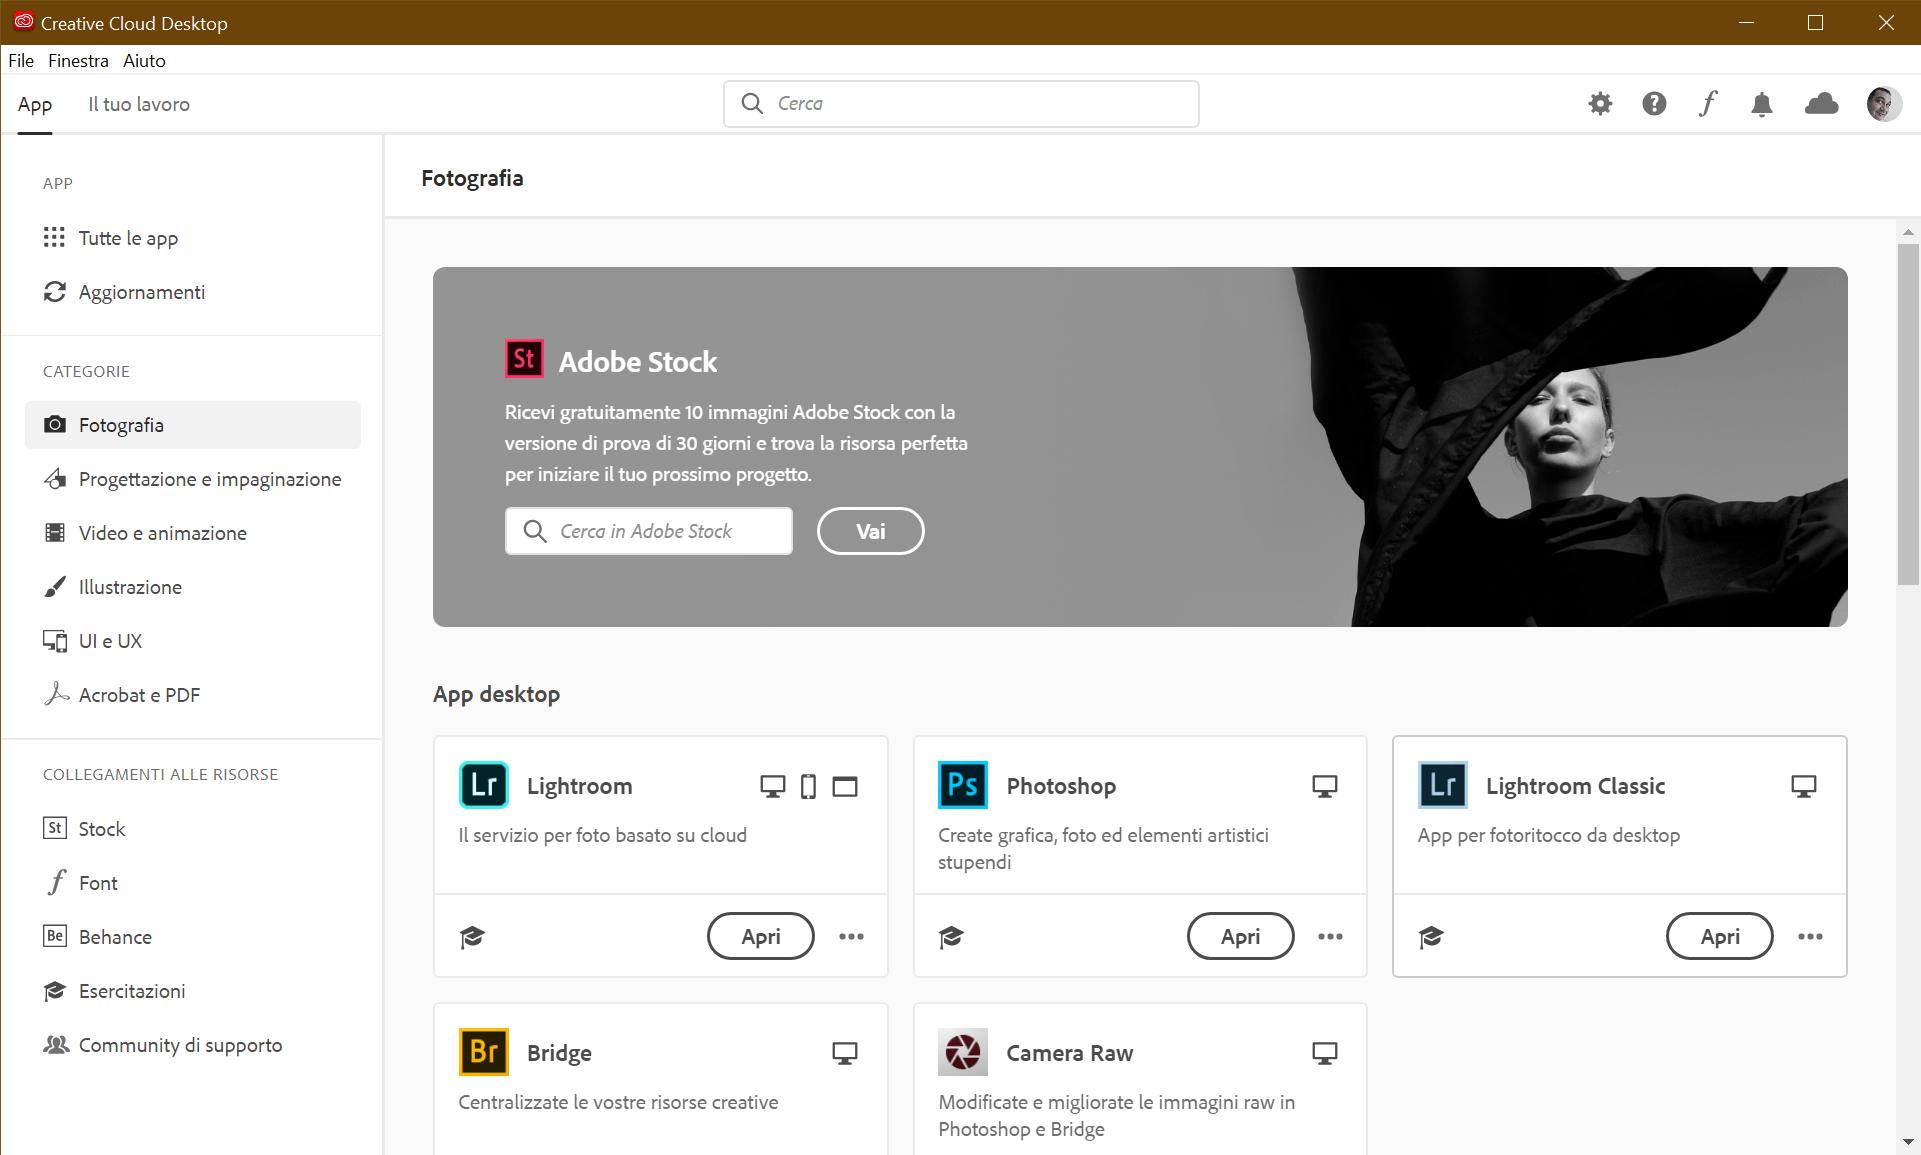 Creative Cloud Desktop